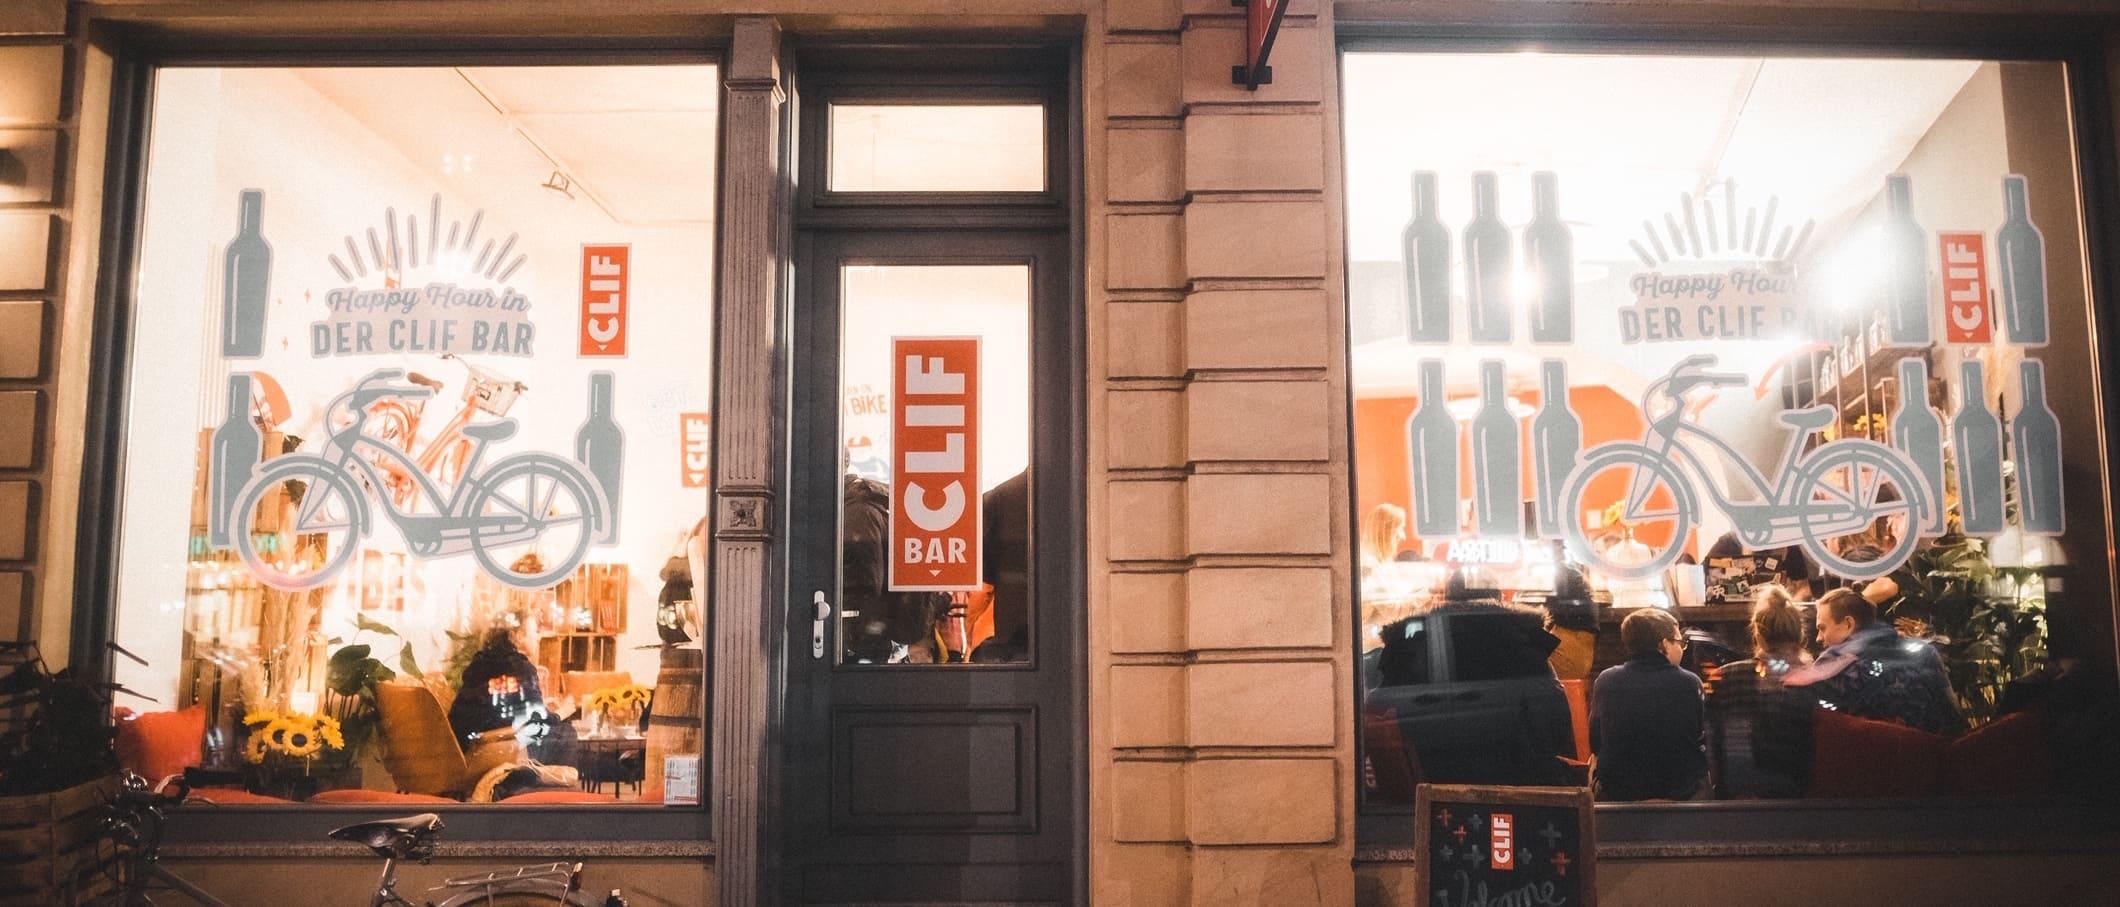 CLIF Bar Pop-up-Store auf der Torstraße in Berlin am 23.01.2020 präsentiert seine gesunden CLIF Bar Energieriegel.